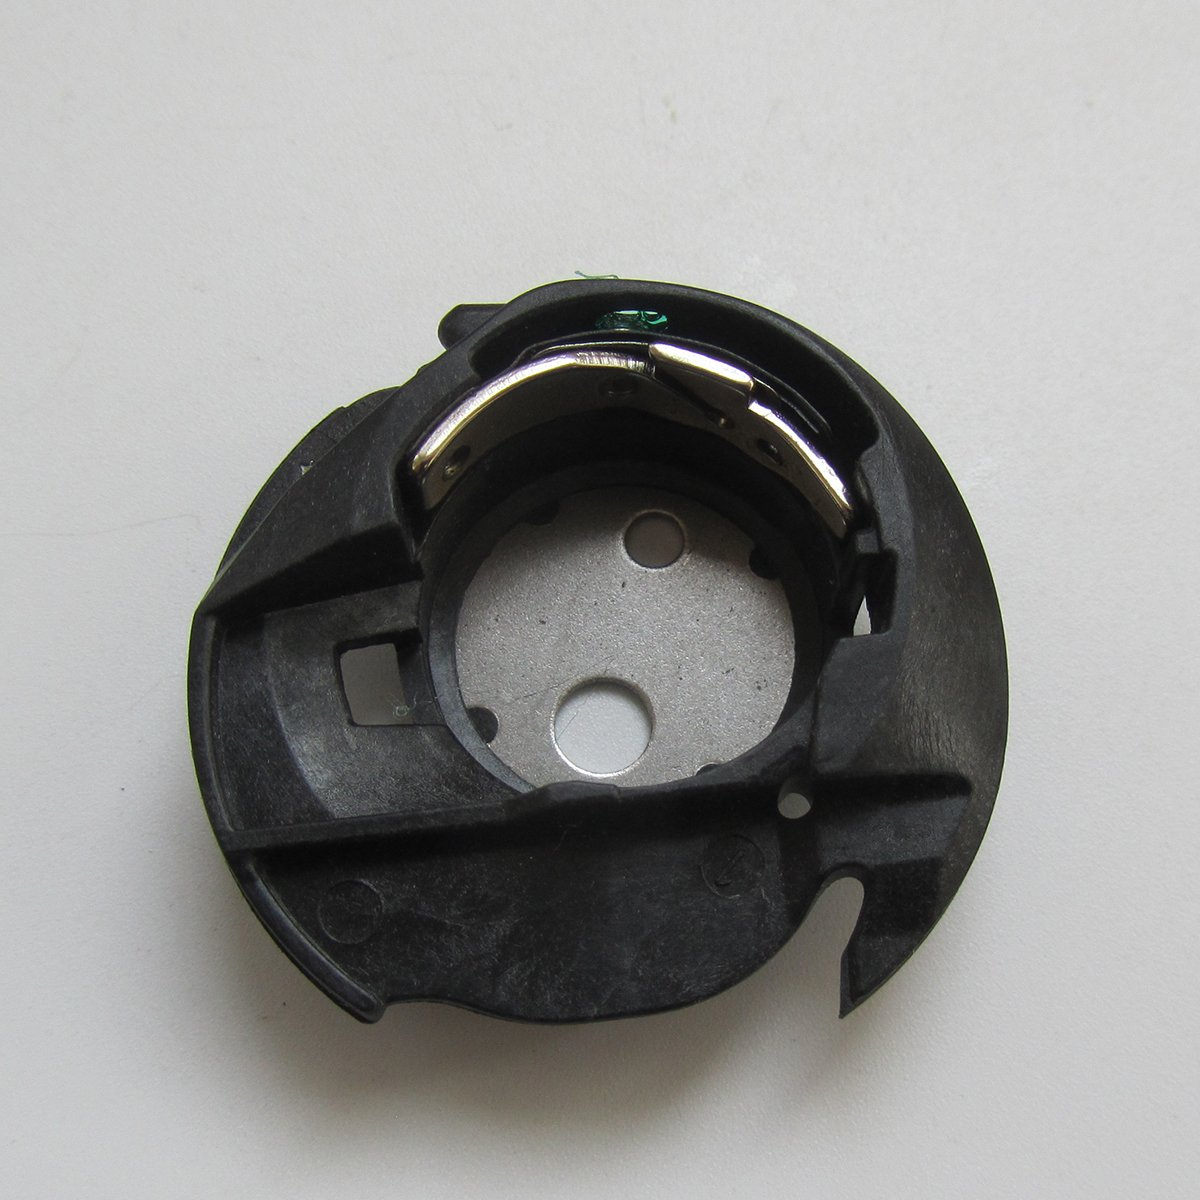 kunpeng - 1 pcs # q6 a0764000=416827001 caso de bobina para SINGER 2010, 3321,3323,4411,4423,4432,44s, 5511,5523,5532,5554: Amazon.es: Hogar